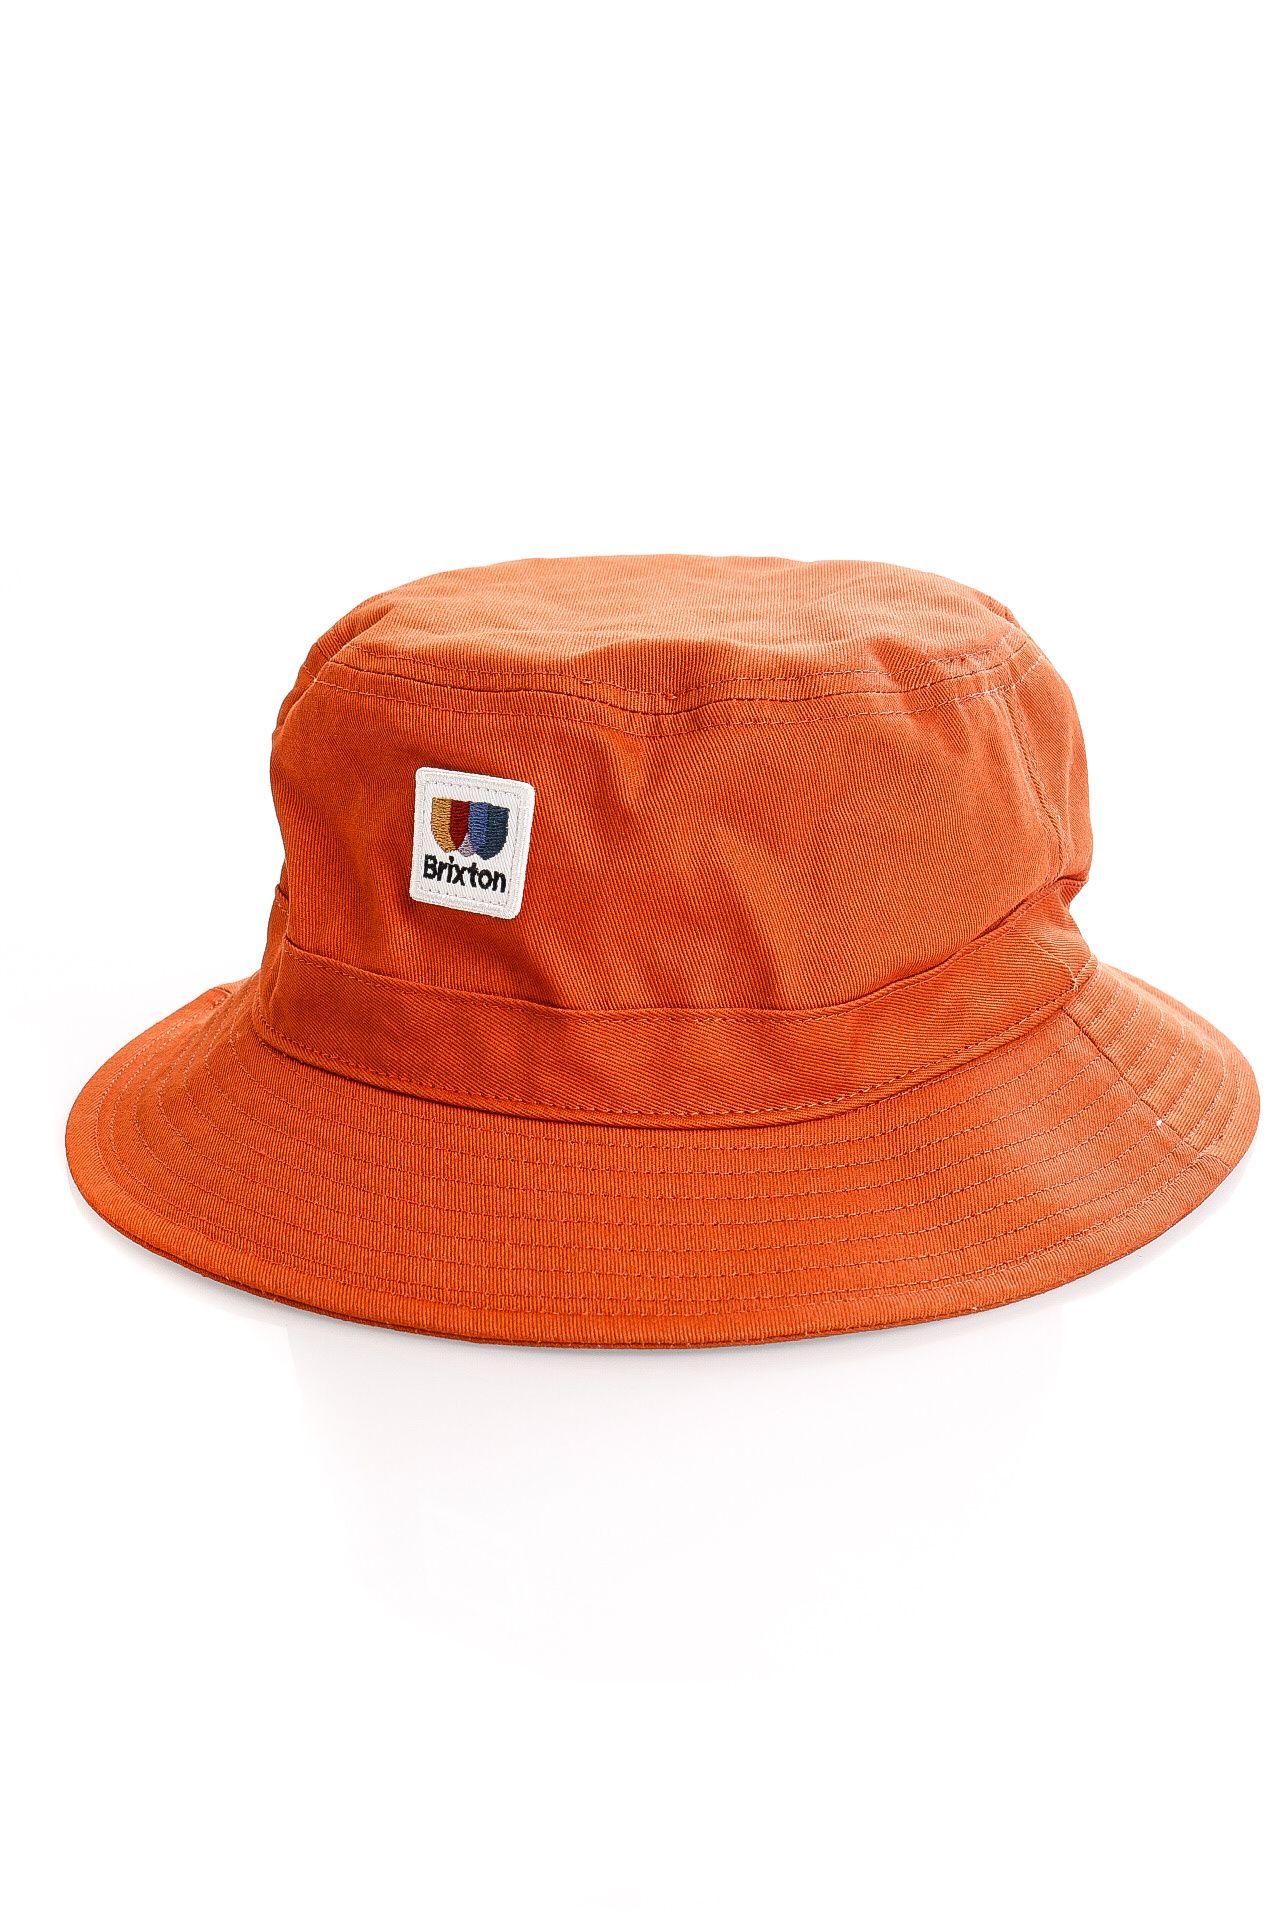 Afbeelding van Brixton Bucket Hat Alton Packable BUCKET HAT Apricot Jam 10829